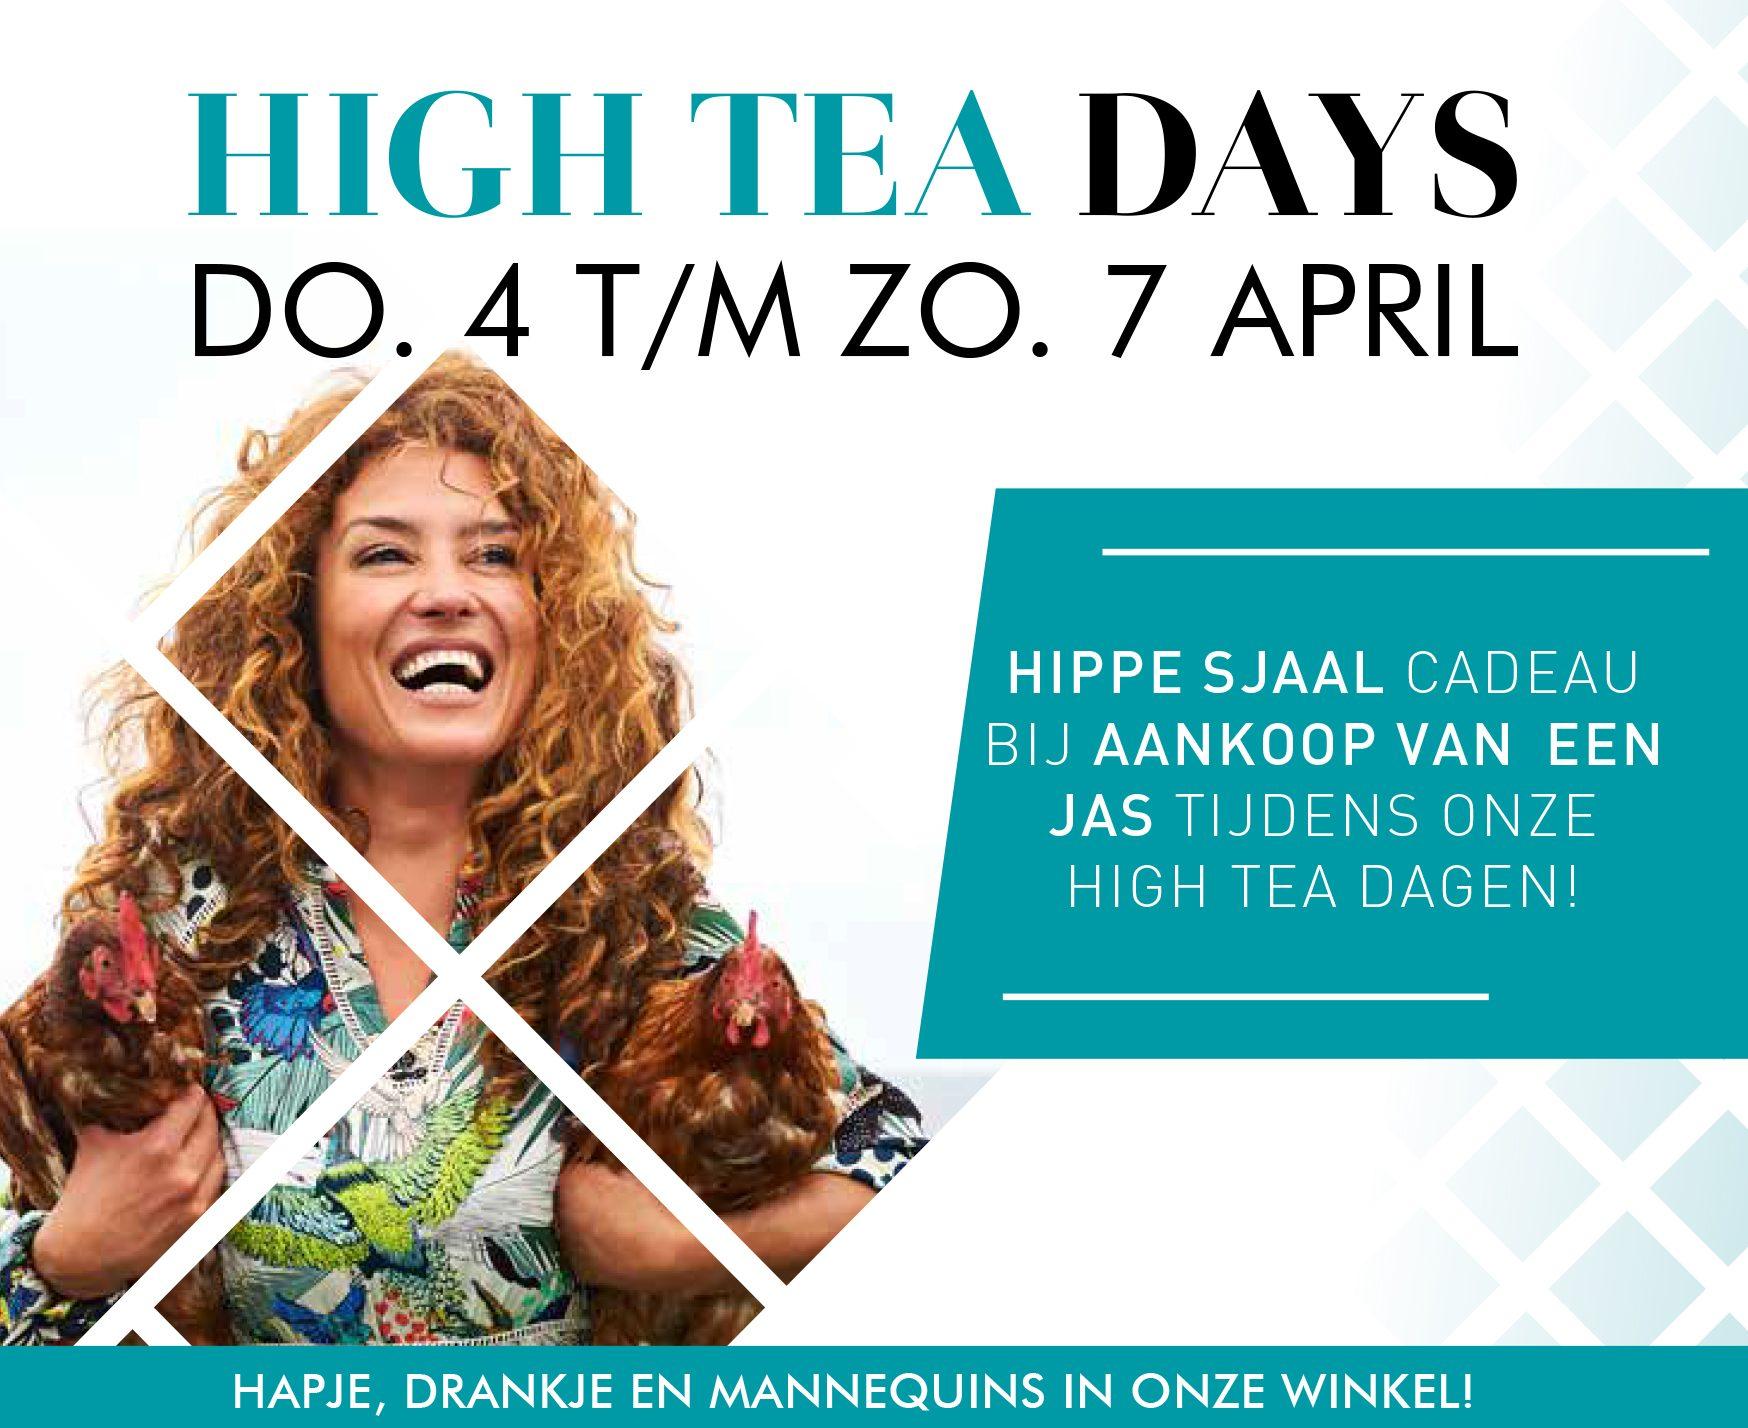 High-tea-days-dewindt